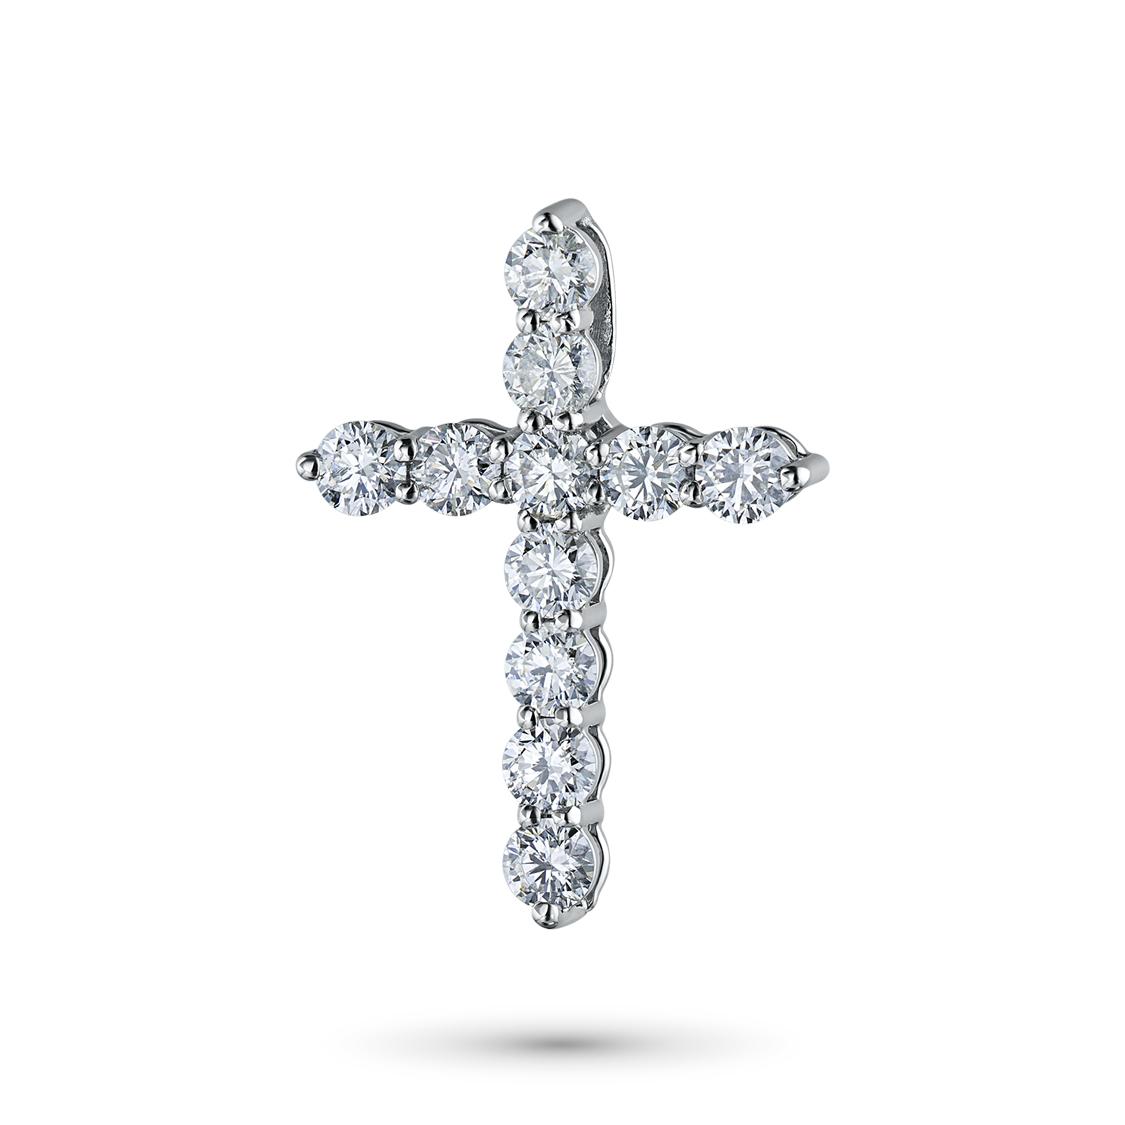 Подвеска из белого золота с бриллиантами э09п061625